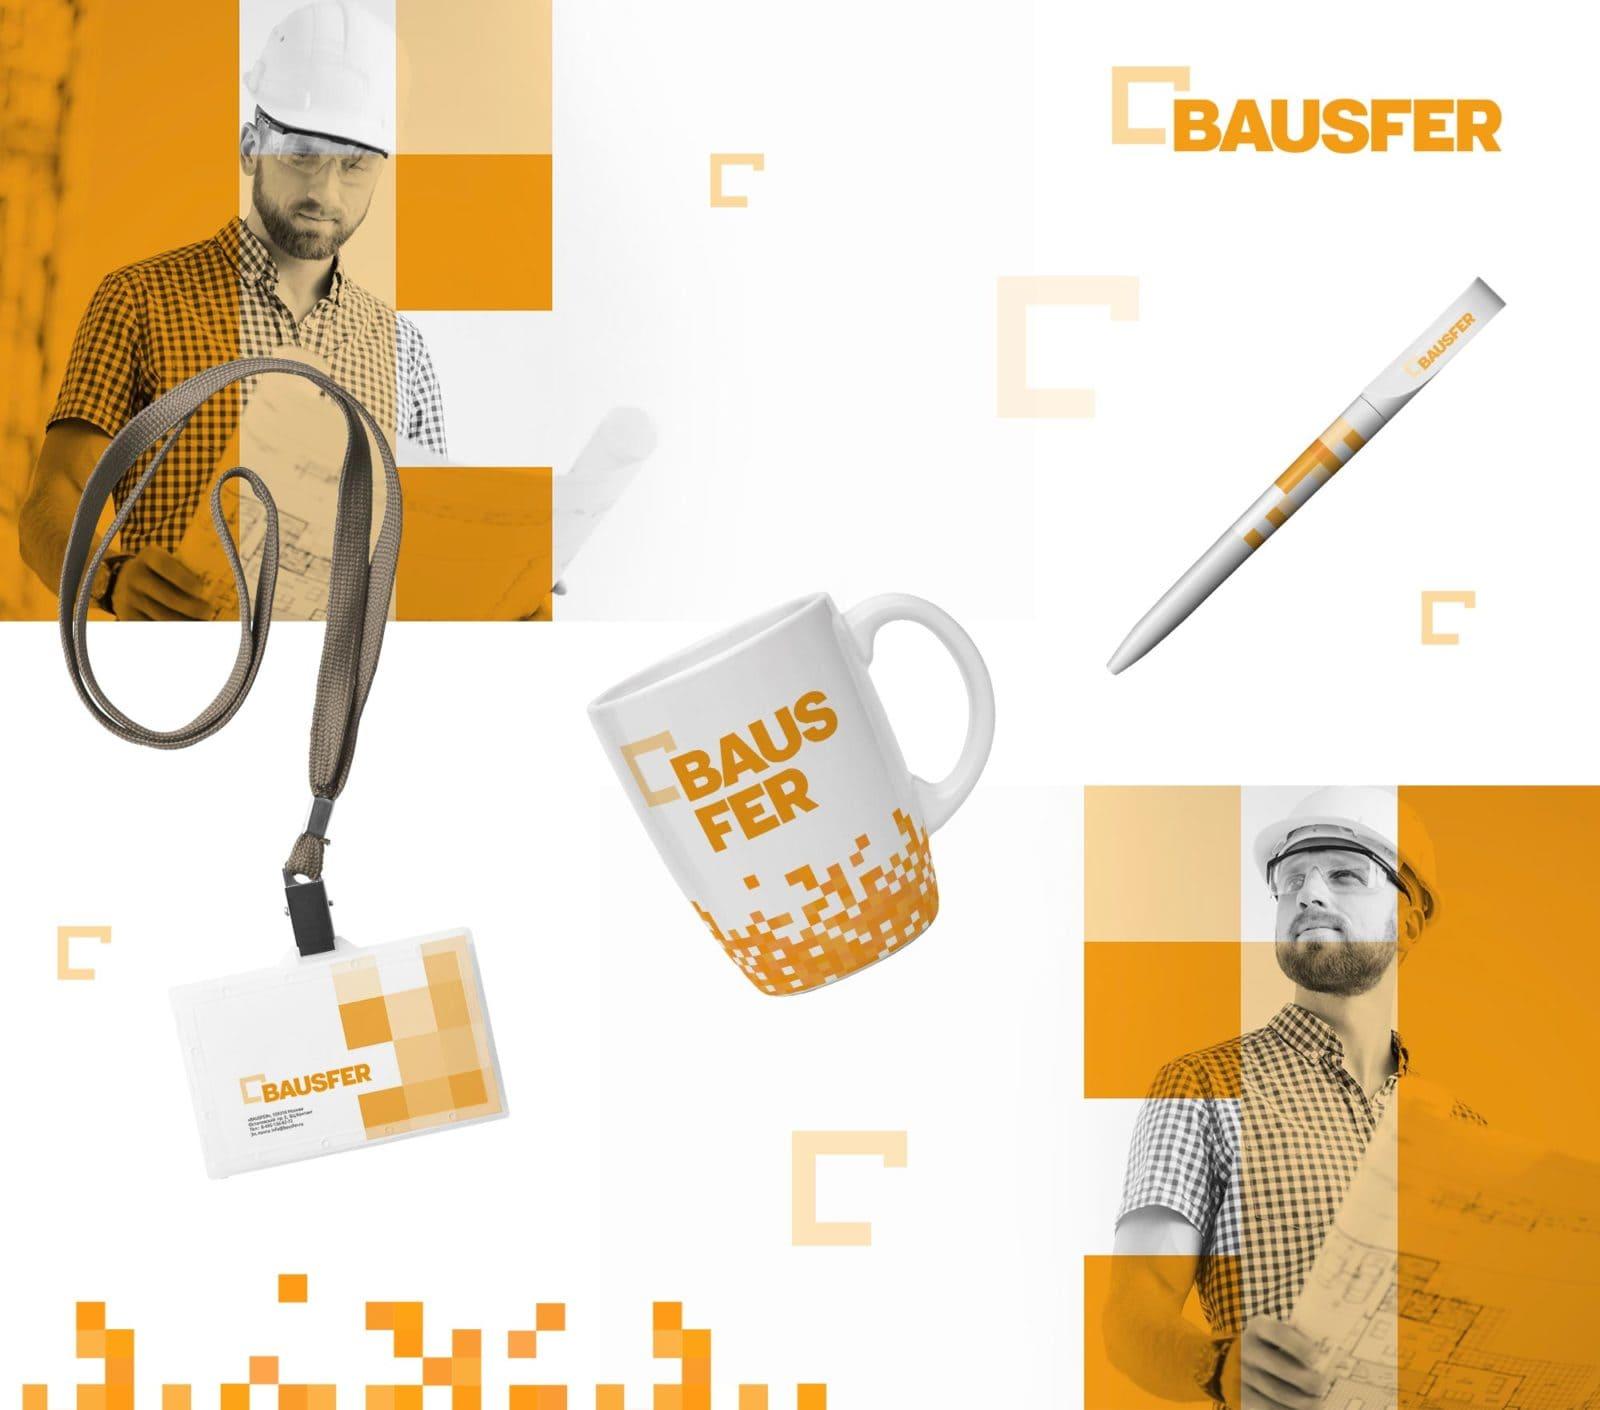 Пример работы в портфолио фирменный стиль компании Bausfer